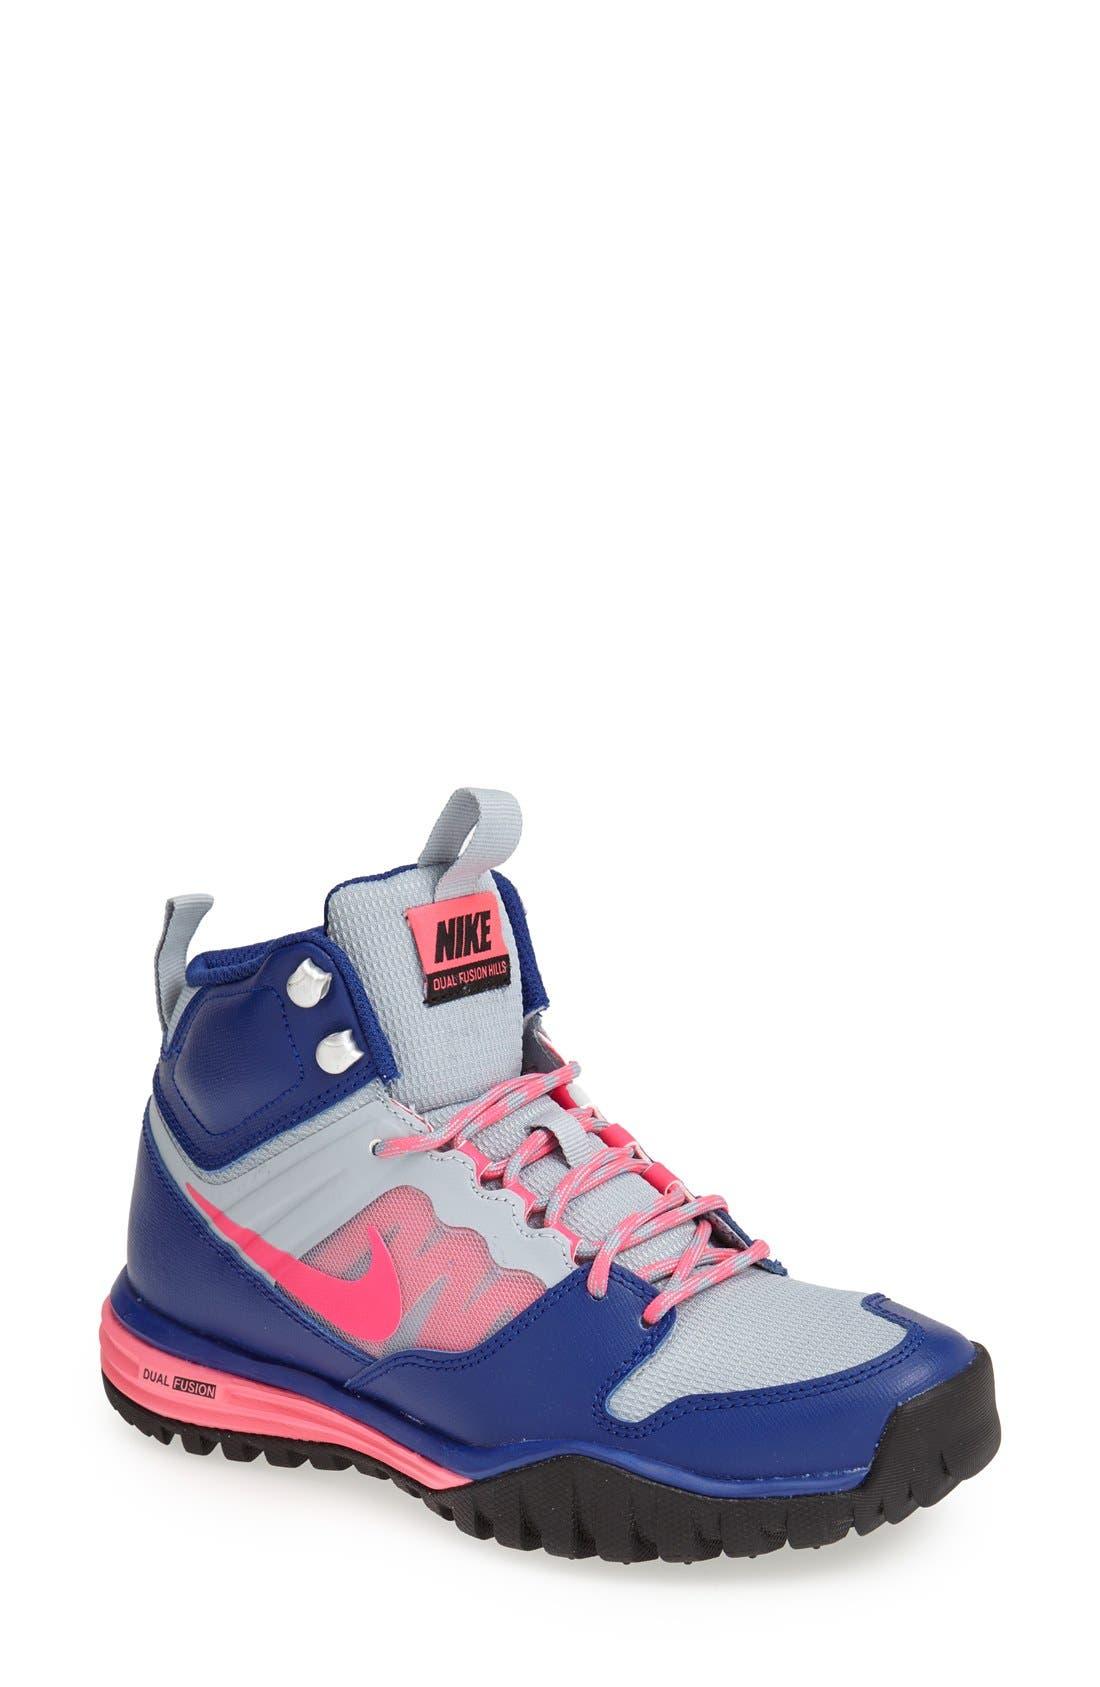 Main Image - Nike 'Dual Fusion Hills Mid' Walking Shoe (Women)